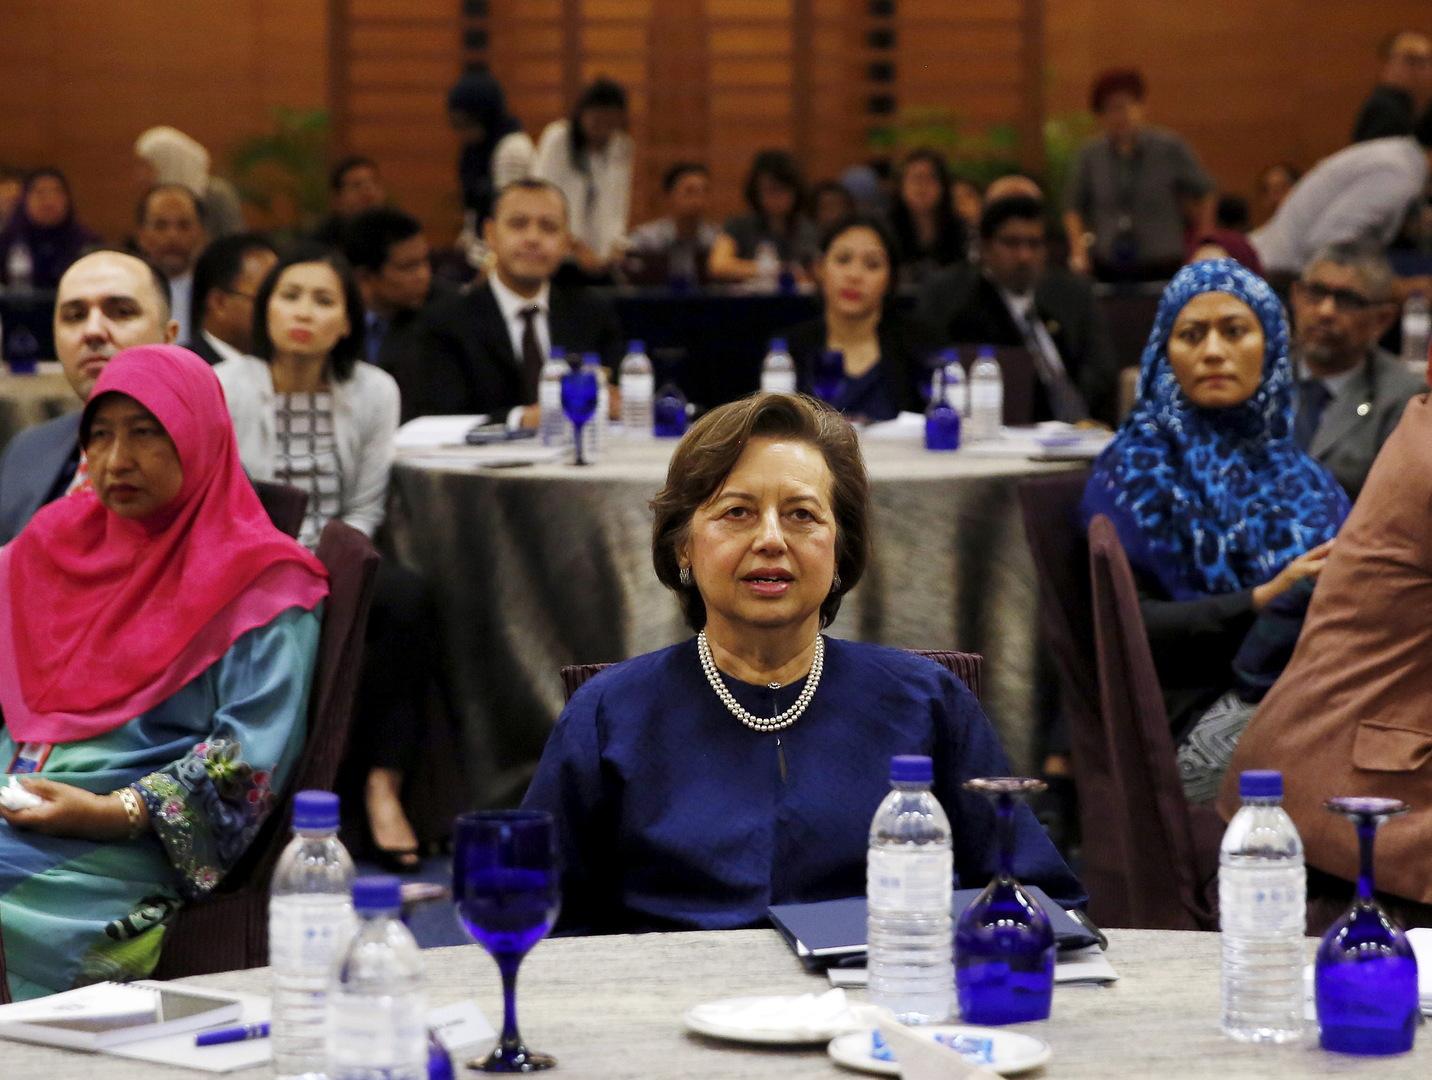 ماليزيا.. فضيحة فساد تطال زوج رئيسة البنك المركزي السابقة